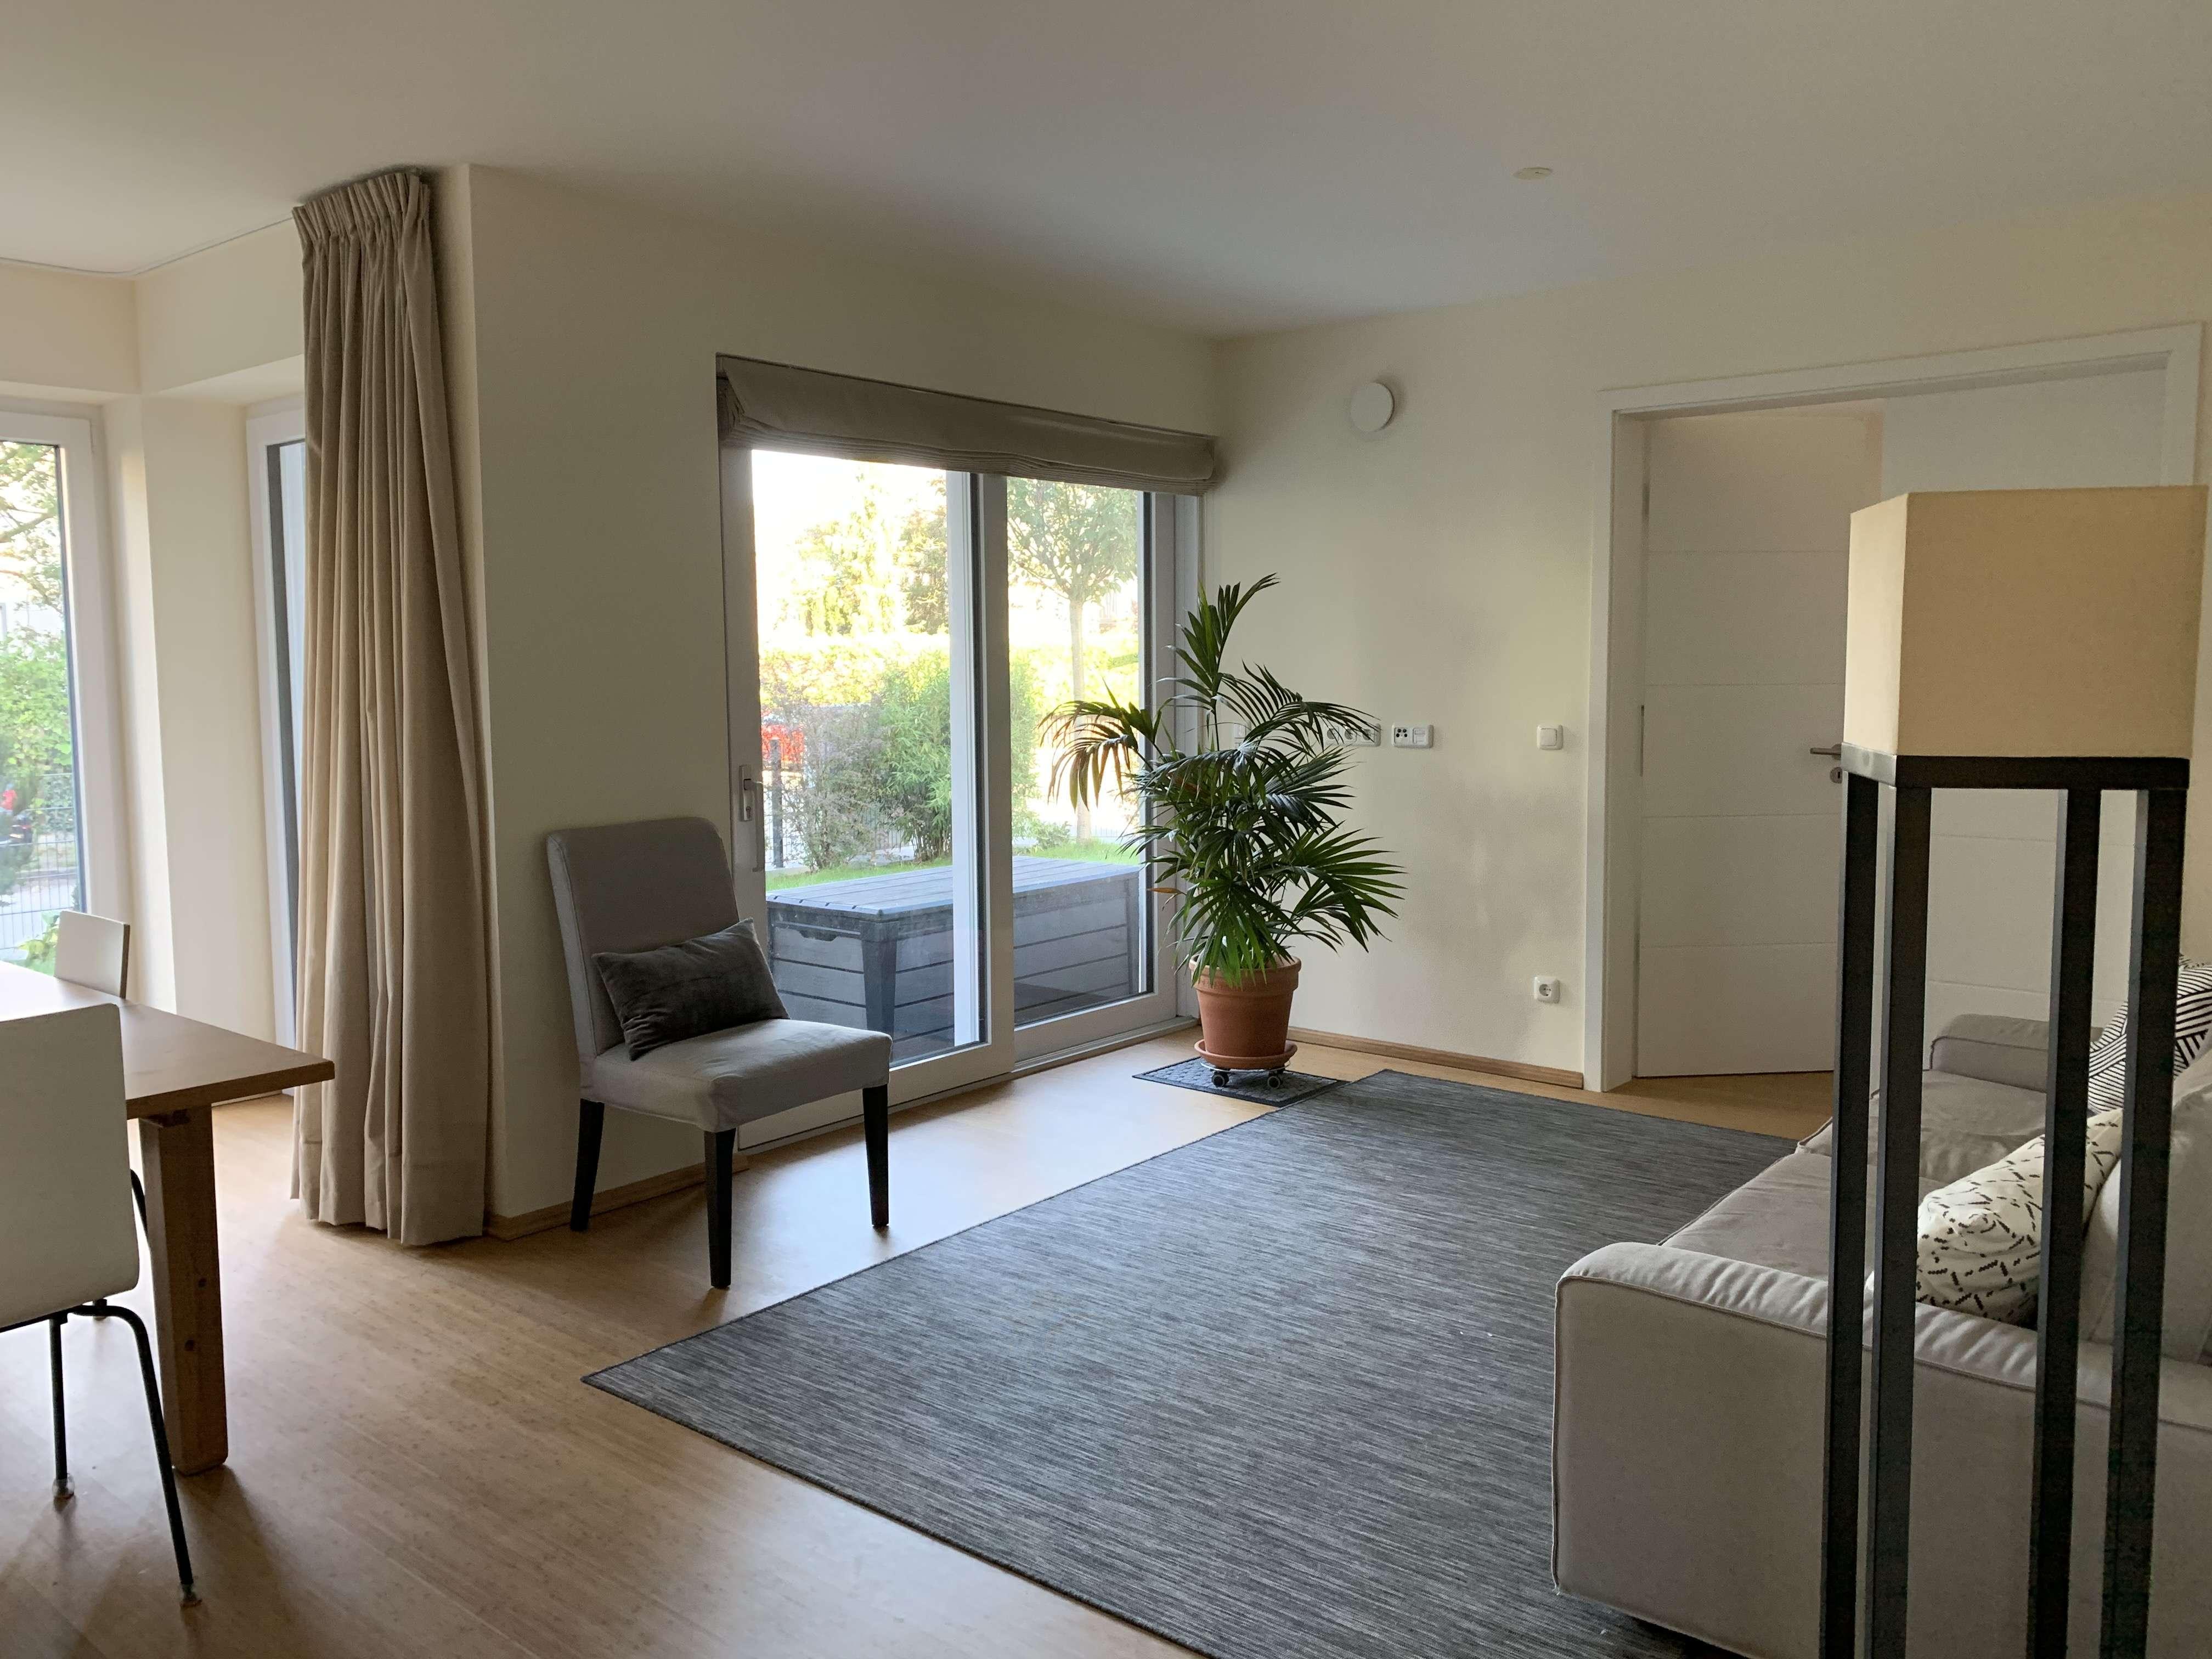 Neuwertige 5-Zimmer-EG-Wohnung mit Terrasse und Einbauküche in Obermenzing, München in Obermenzing (München)